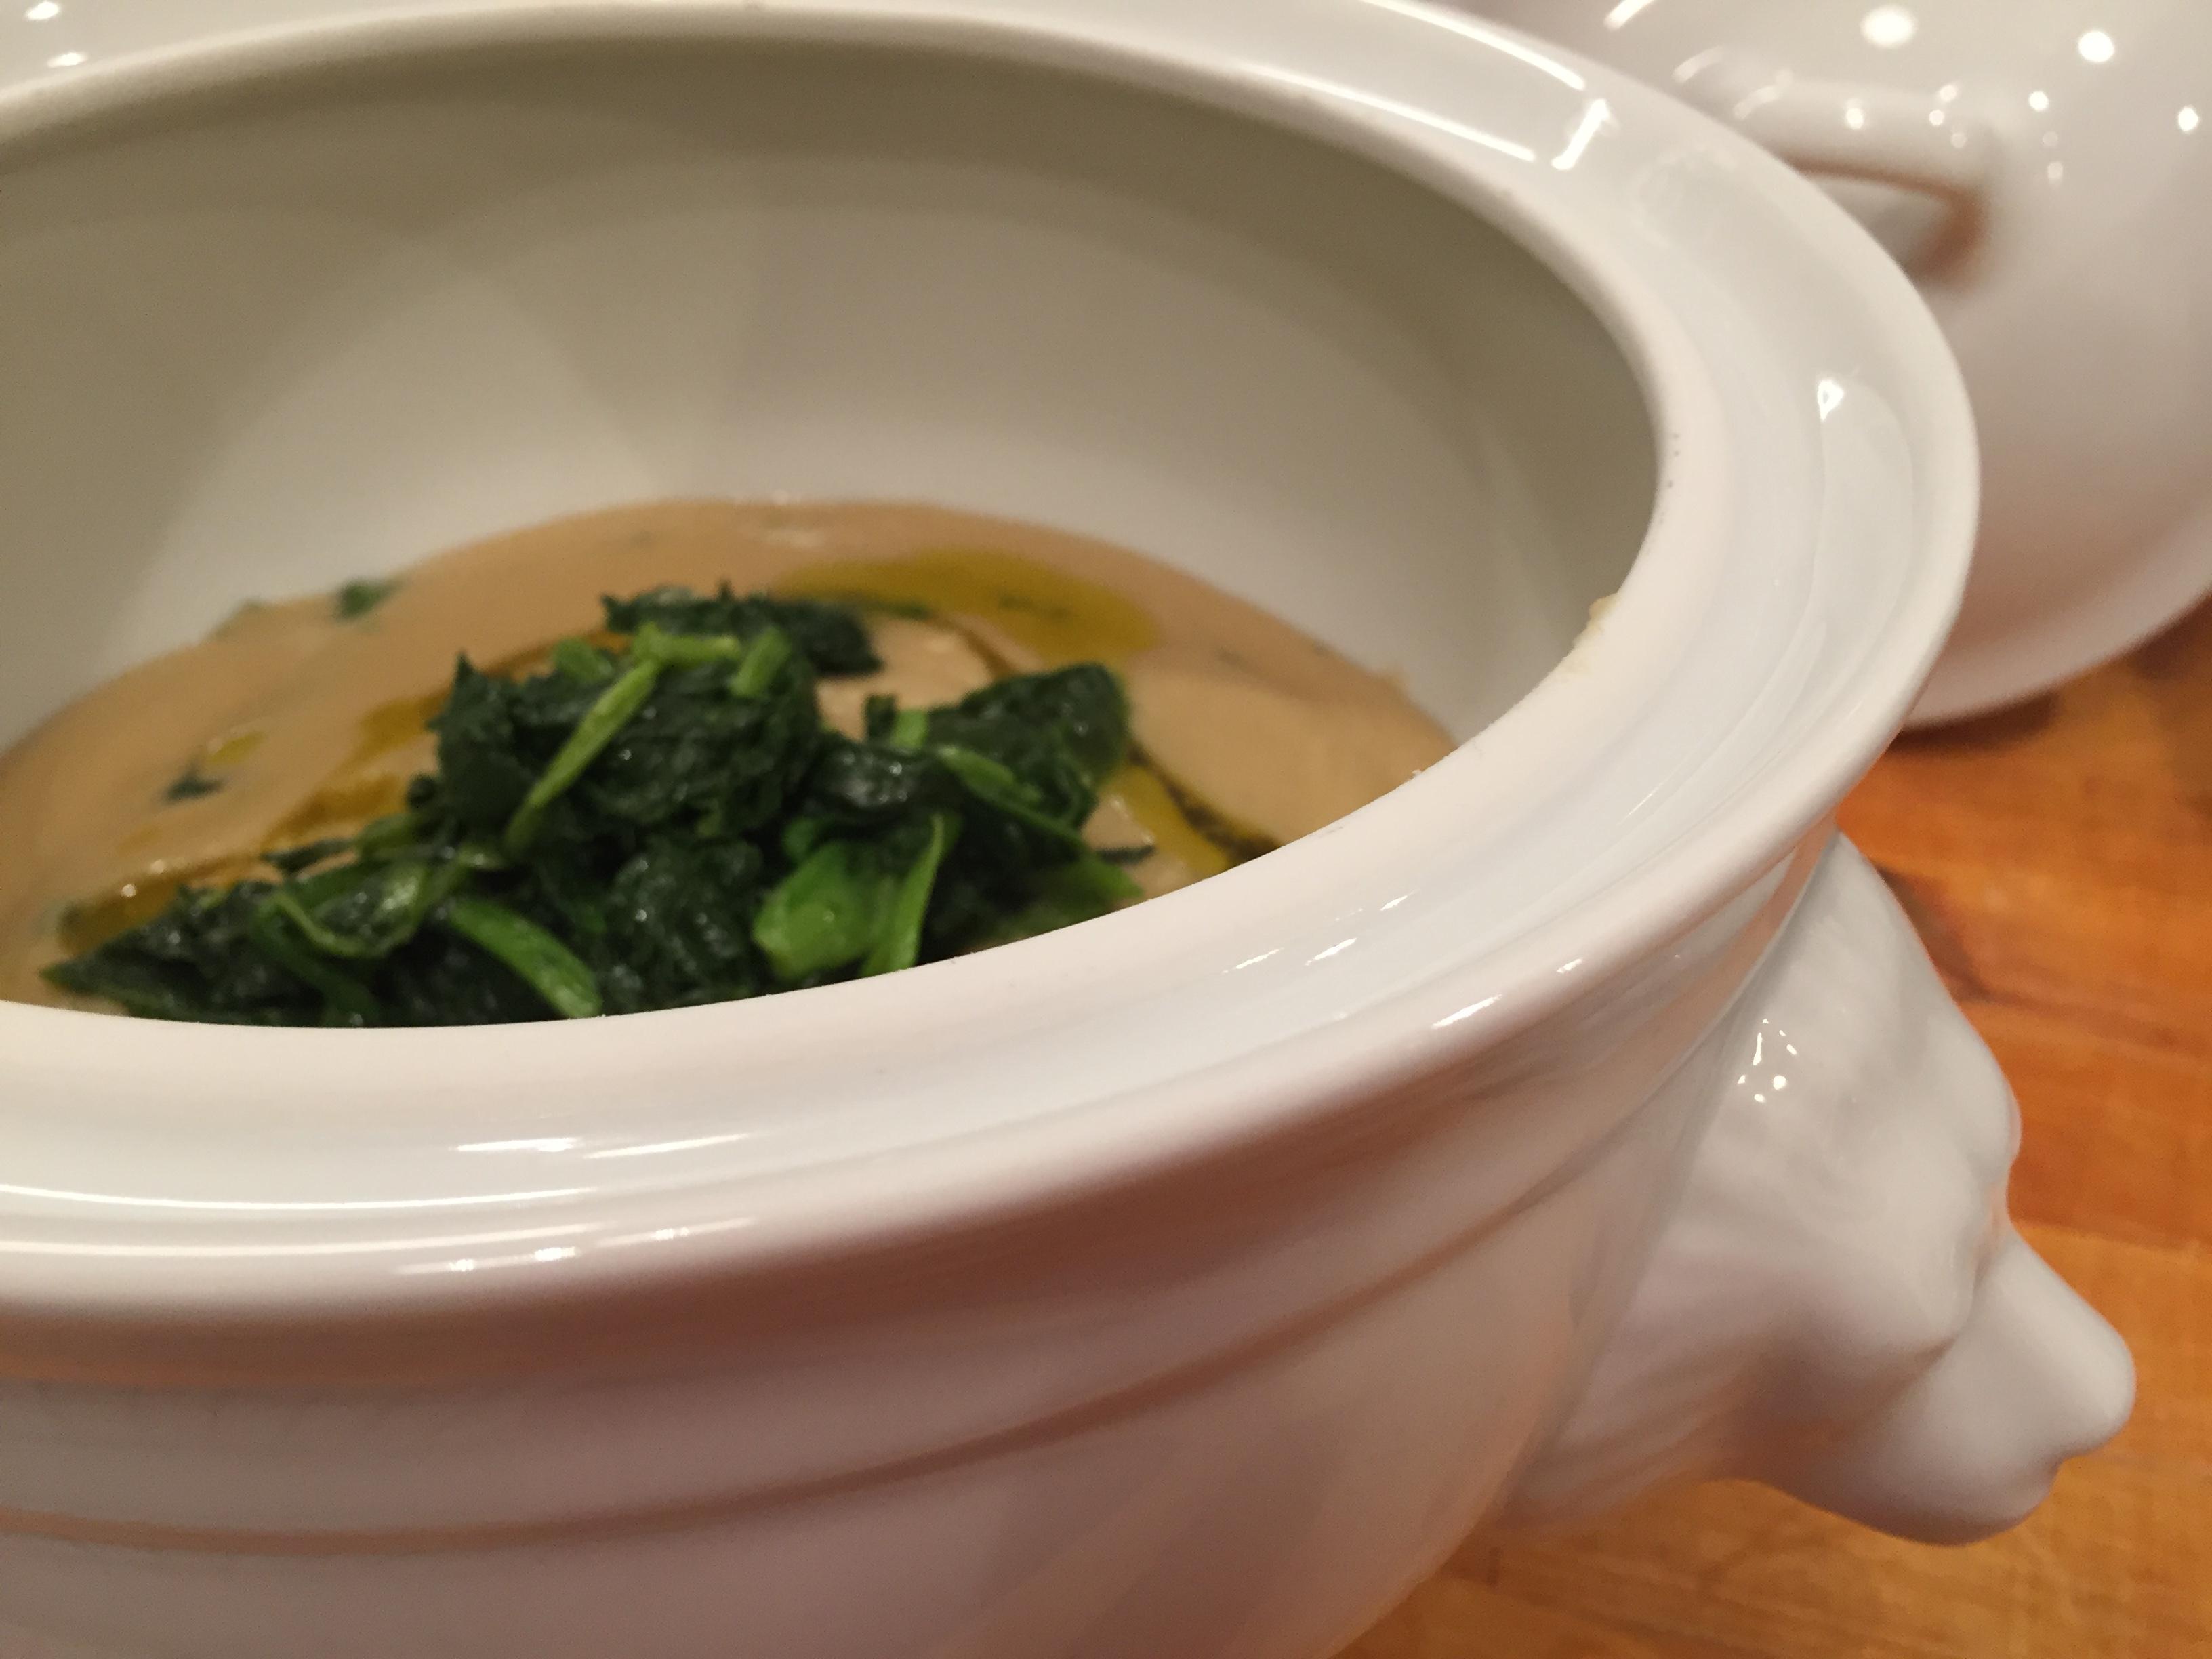 zuppa-ceci-in-scatole-cime-rapa-congelate-ricetta-salvatempo